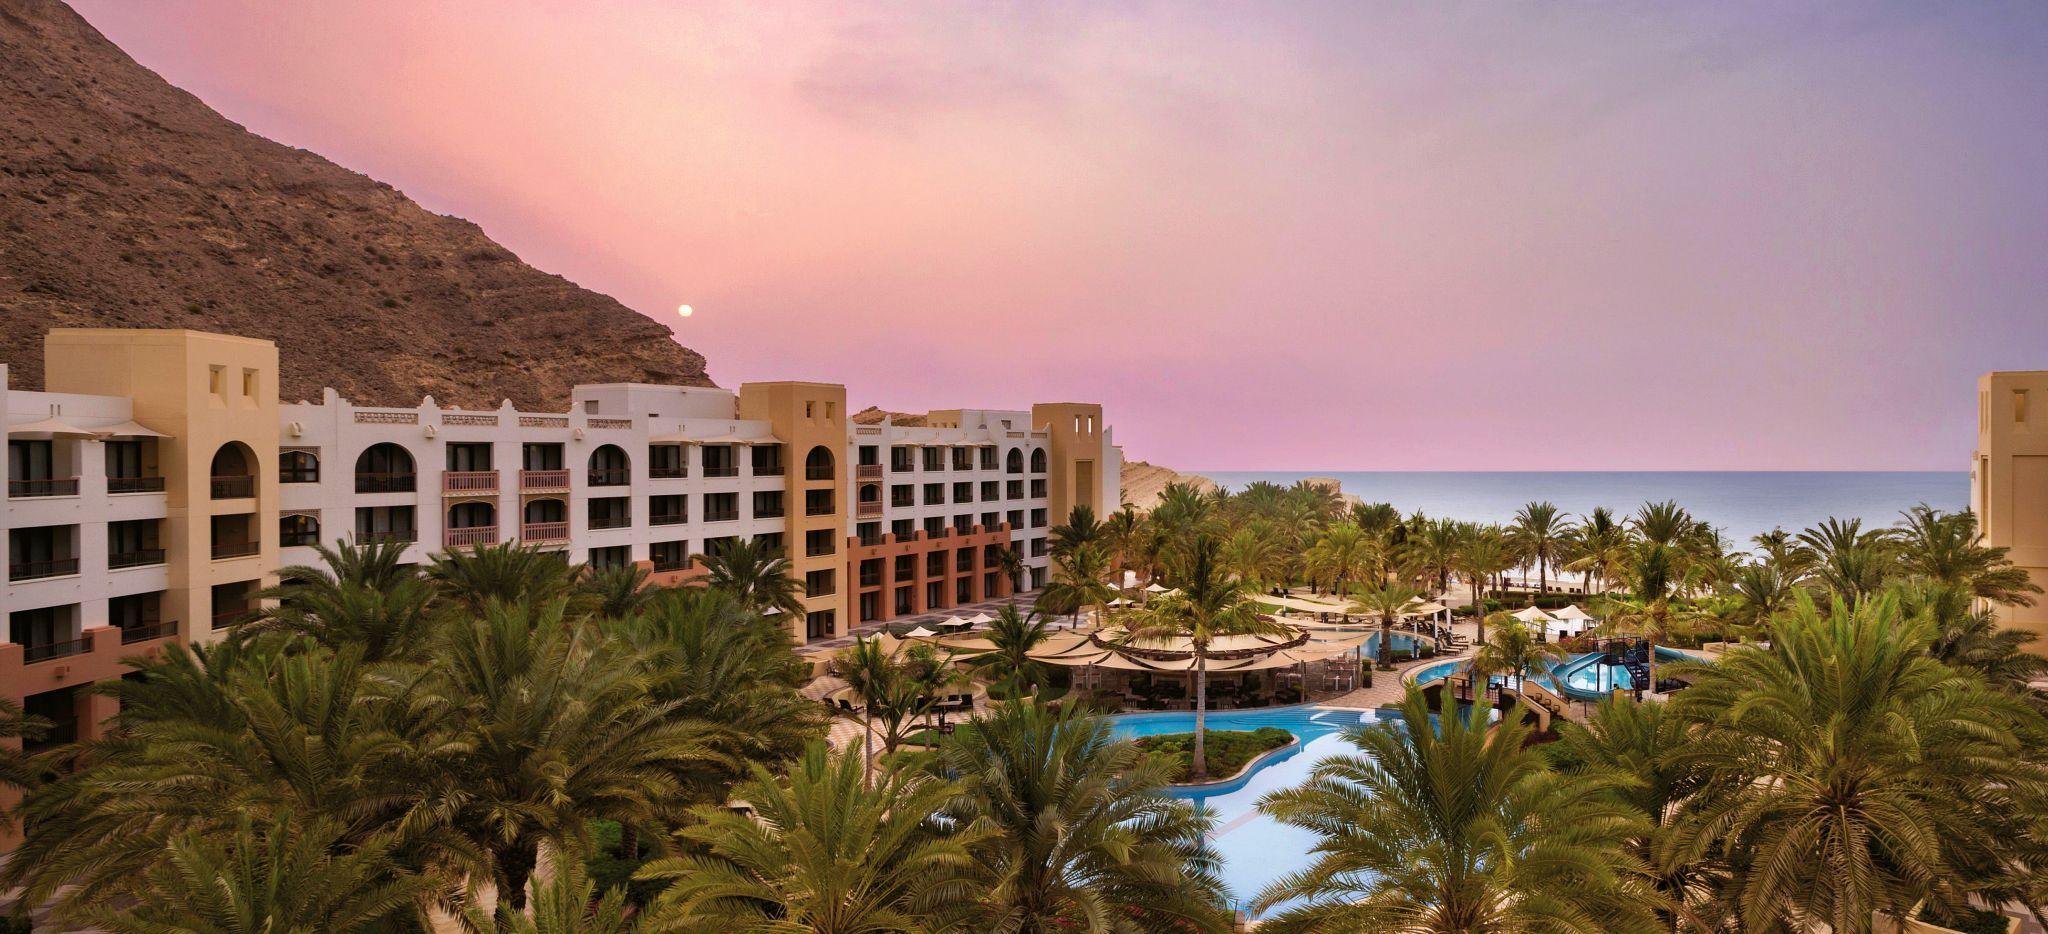 Luftaufnahme von Hotel und Sonnenuntergang im Shangri-La Barr Al Jissah Al Bandar Resort nahe Maskat, Oman, gespiegelt